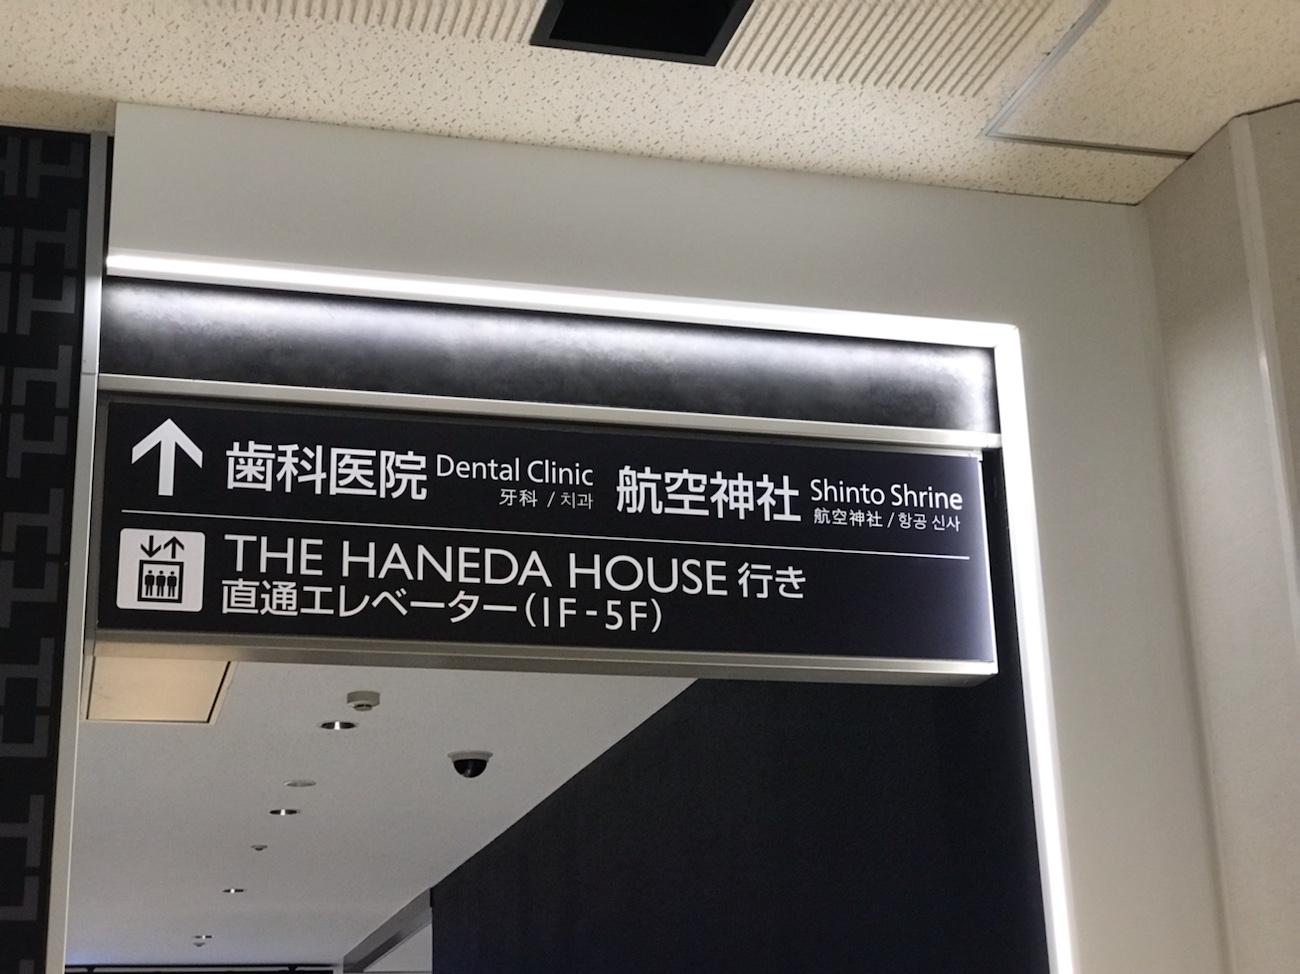 羽田空港観光 羽田空港神社の場所アクセス